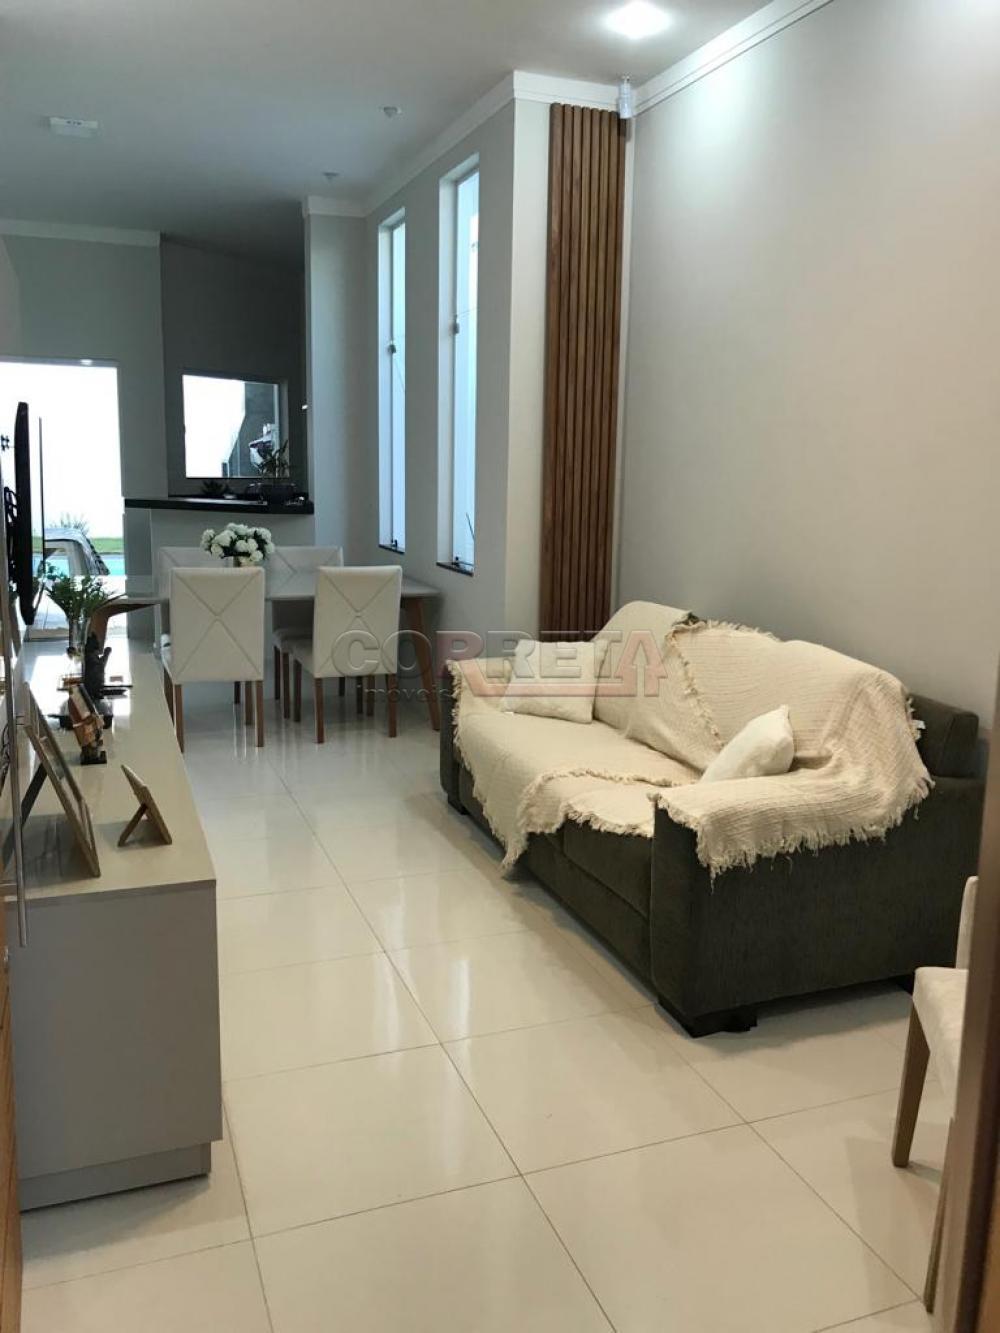 Comprar Casa / Residencial em Araçatuba apenas R$ 365.000,00 - Foto 1